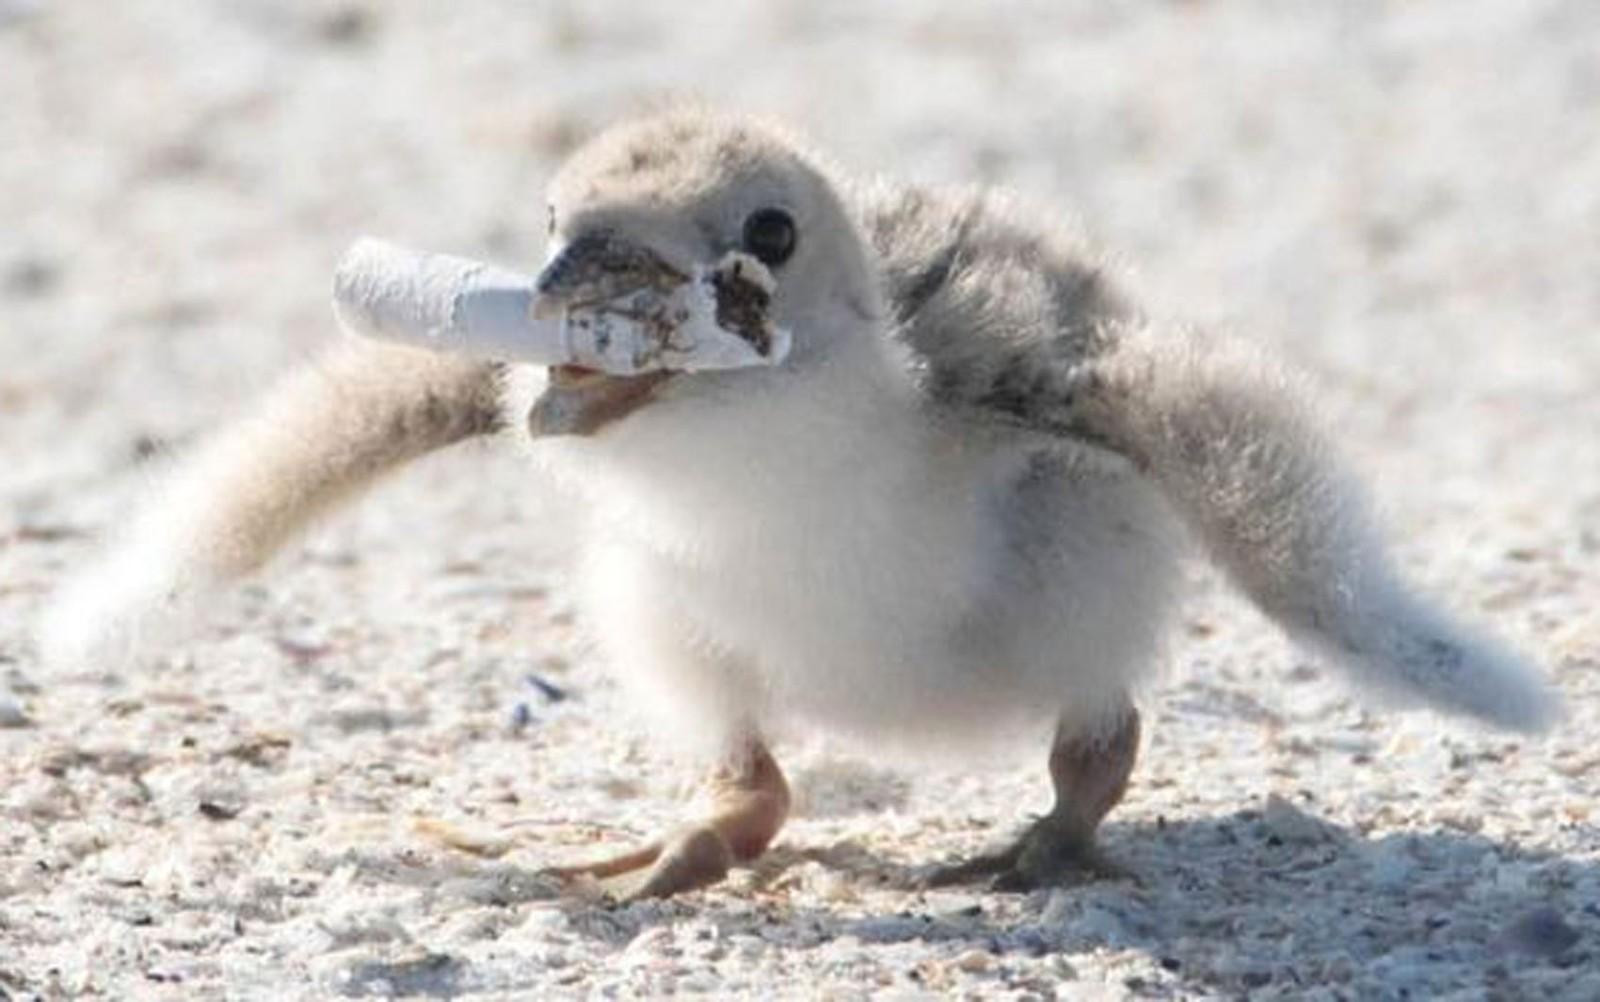 Bitucas de cigarros são os itens de lixo mais encontrados em praias do mundo, segundo entidades de conservação — Foto: Karen Mason